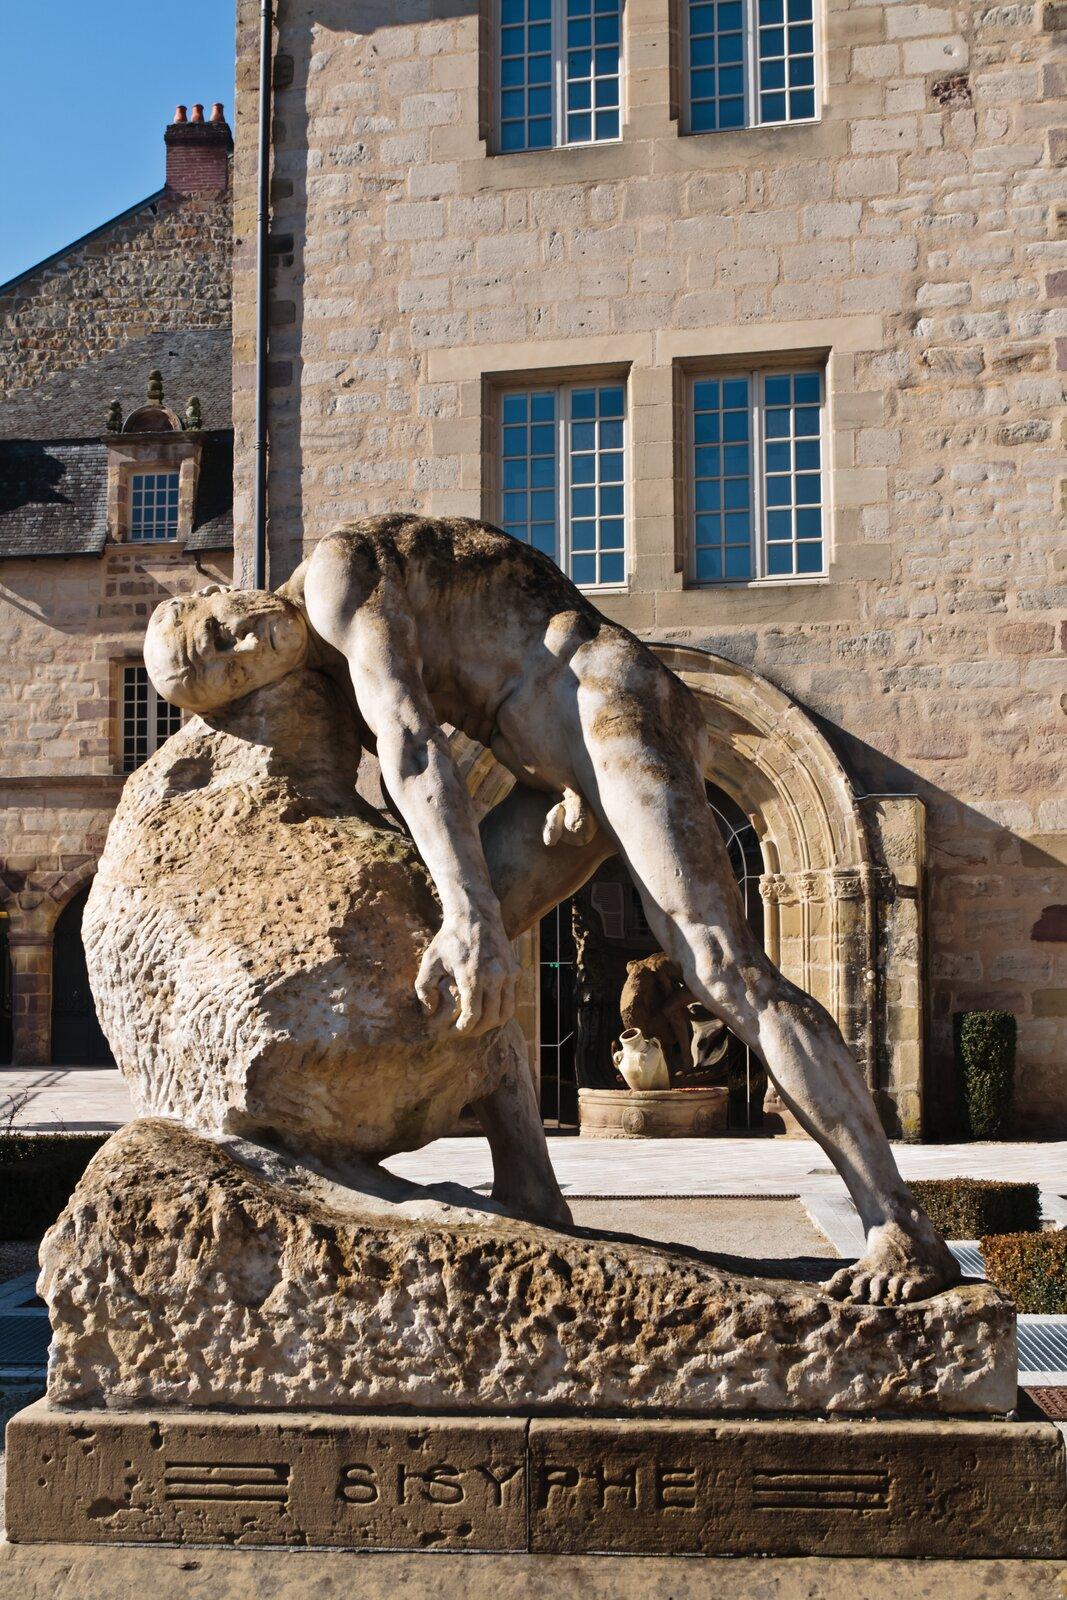 Ilustracja przedstawia rzeźbę Syzyfa wakcie, toczącego duży kamień. Król Koryntu głowę ma położoną na kamieniu. Próbuje od dołu podnieść głaz. Postać ma napięte mięśnie. Wtle za rzeźbą znajdują się budynki.